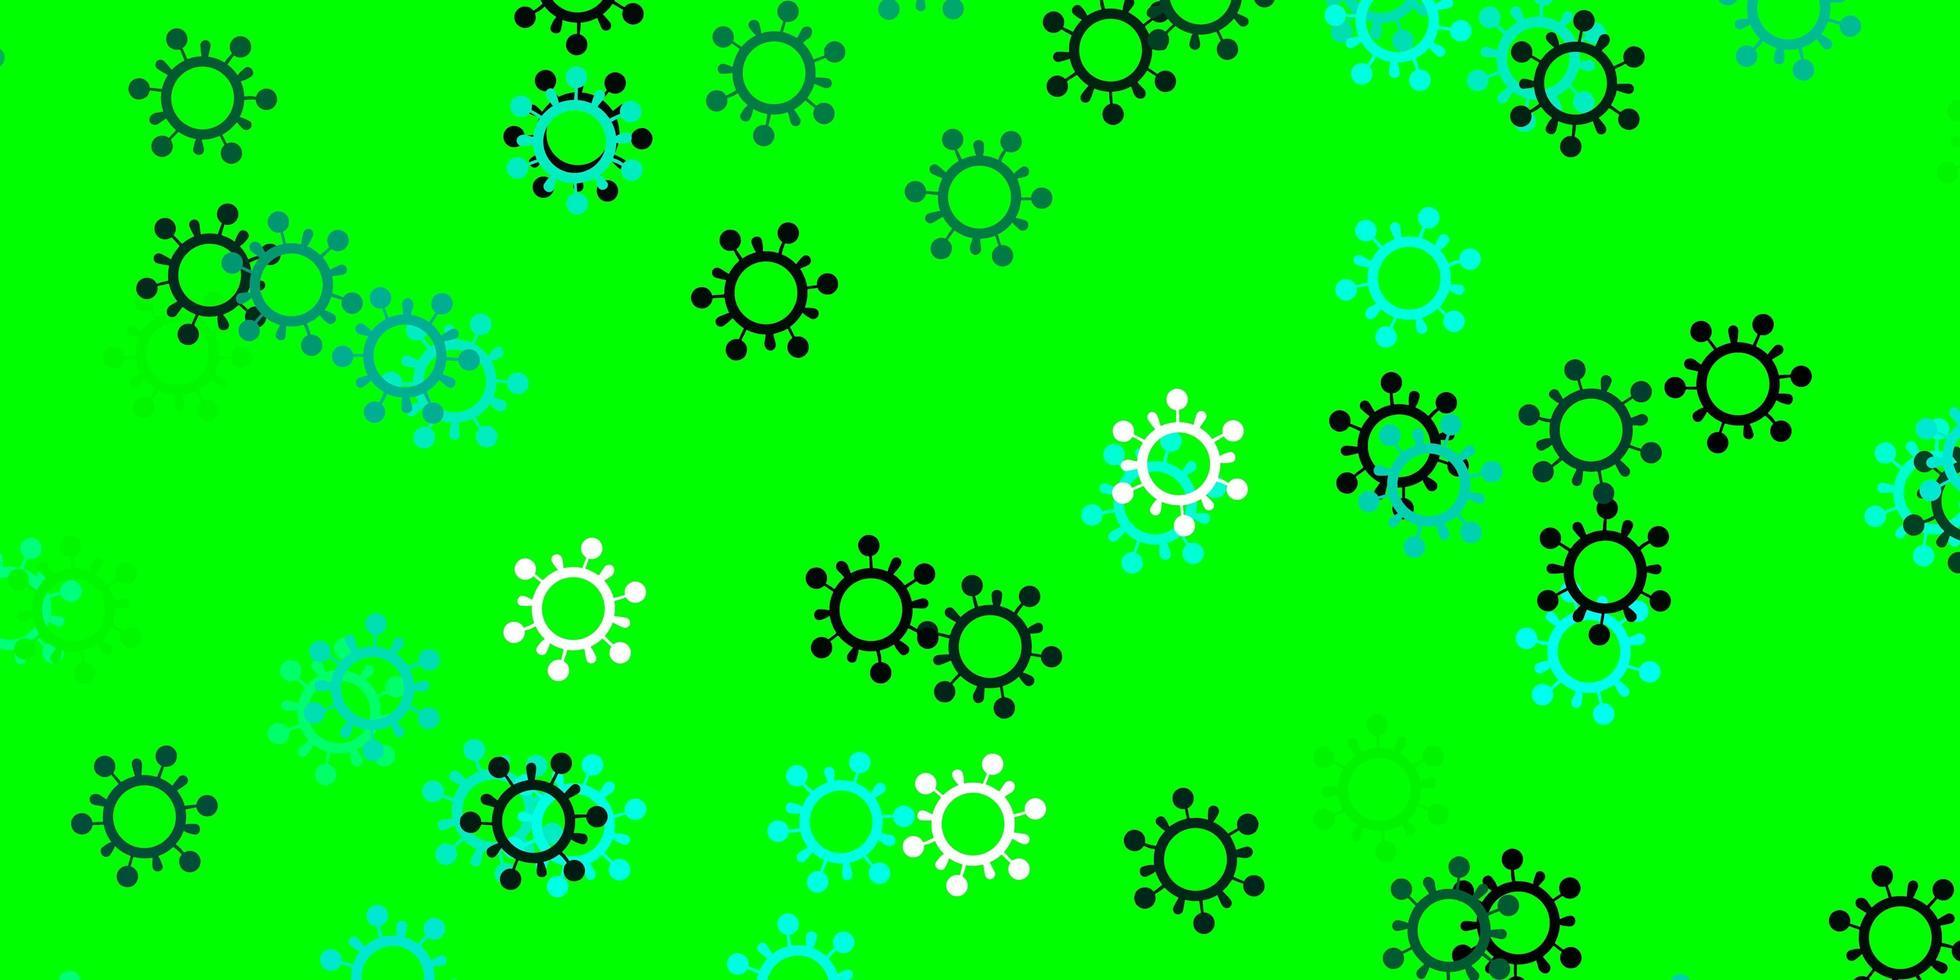 modèle vectoriel vert clair avec des éléments de coronavirus